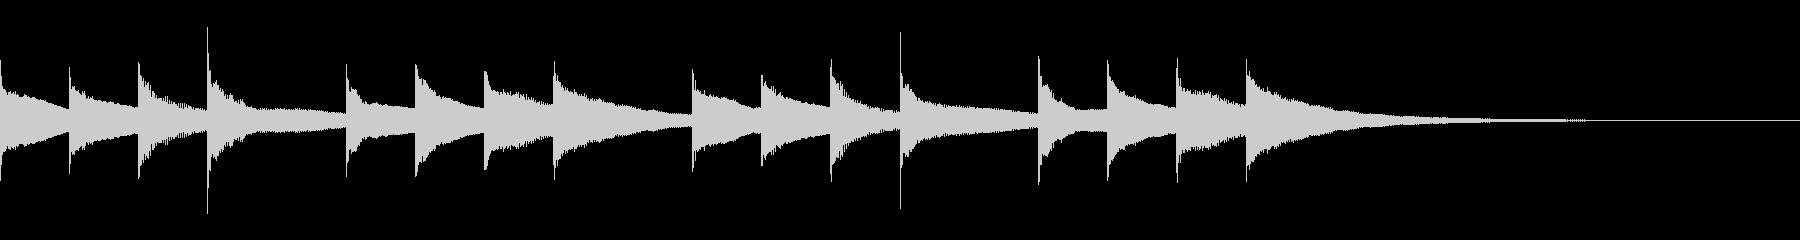 学校のチャイム・始業ベルの音:1の未再生の波形